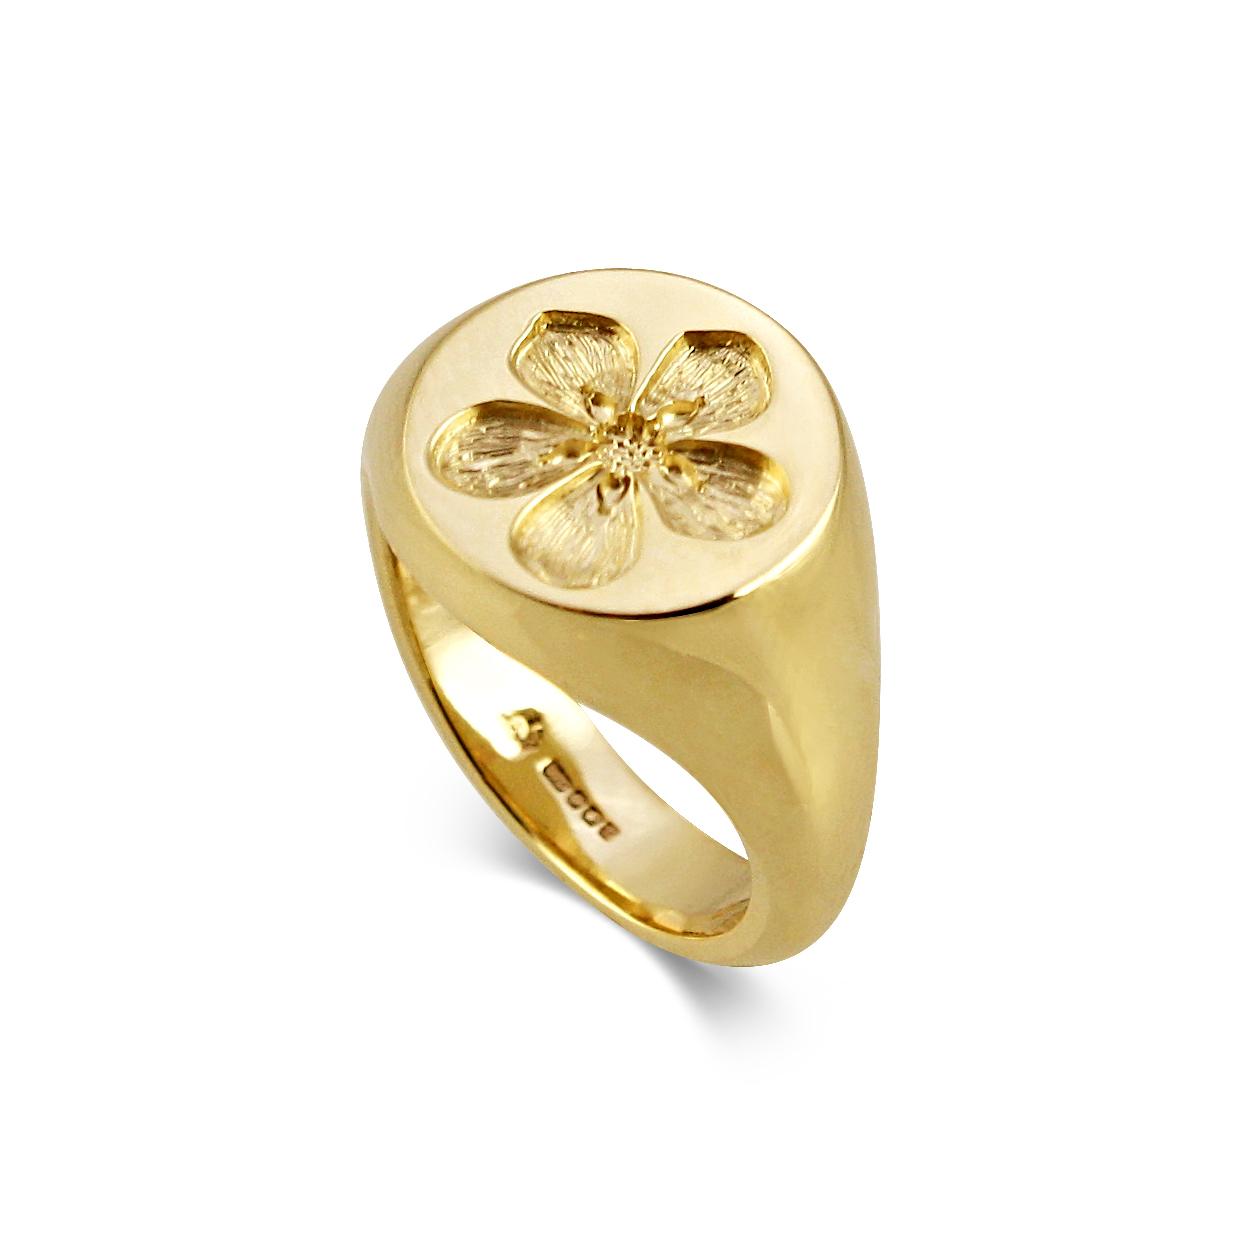 Claudia's Ring